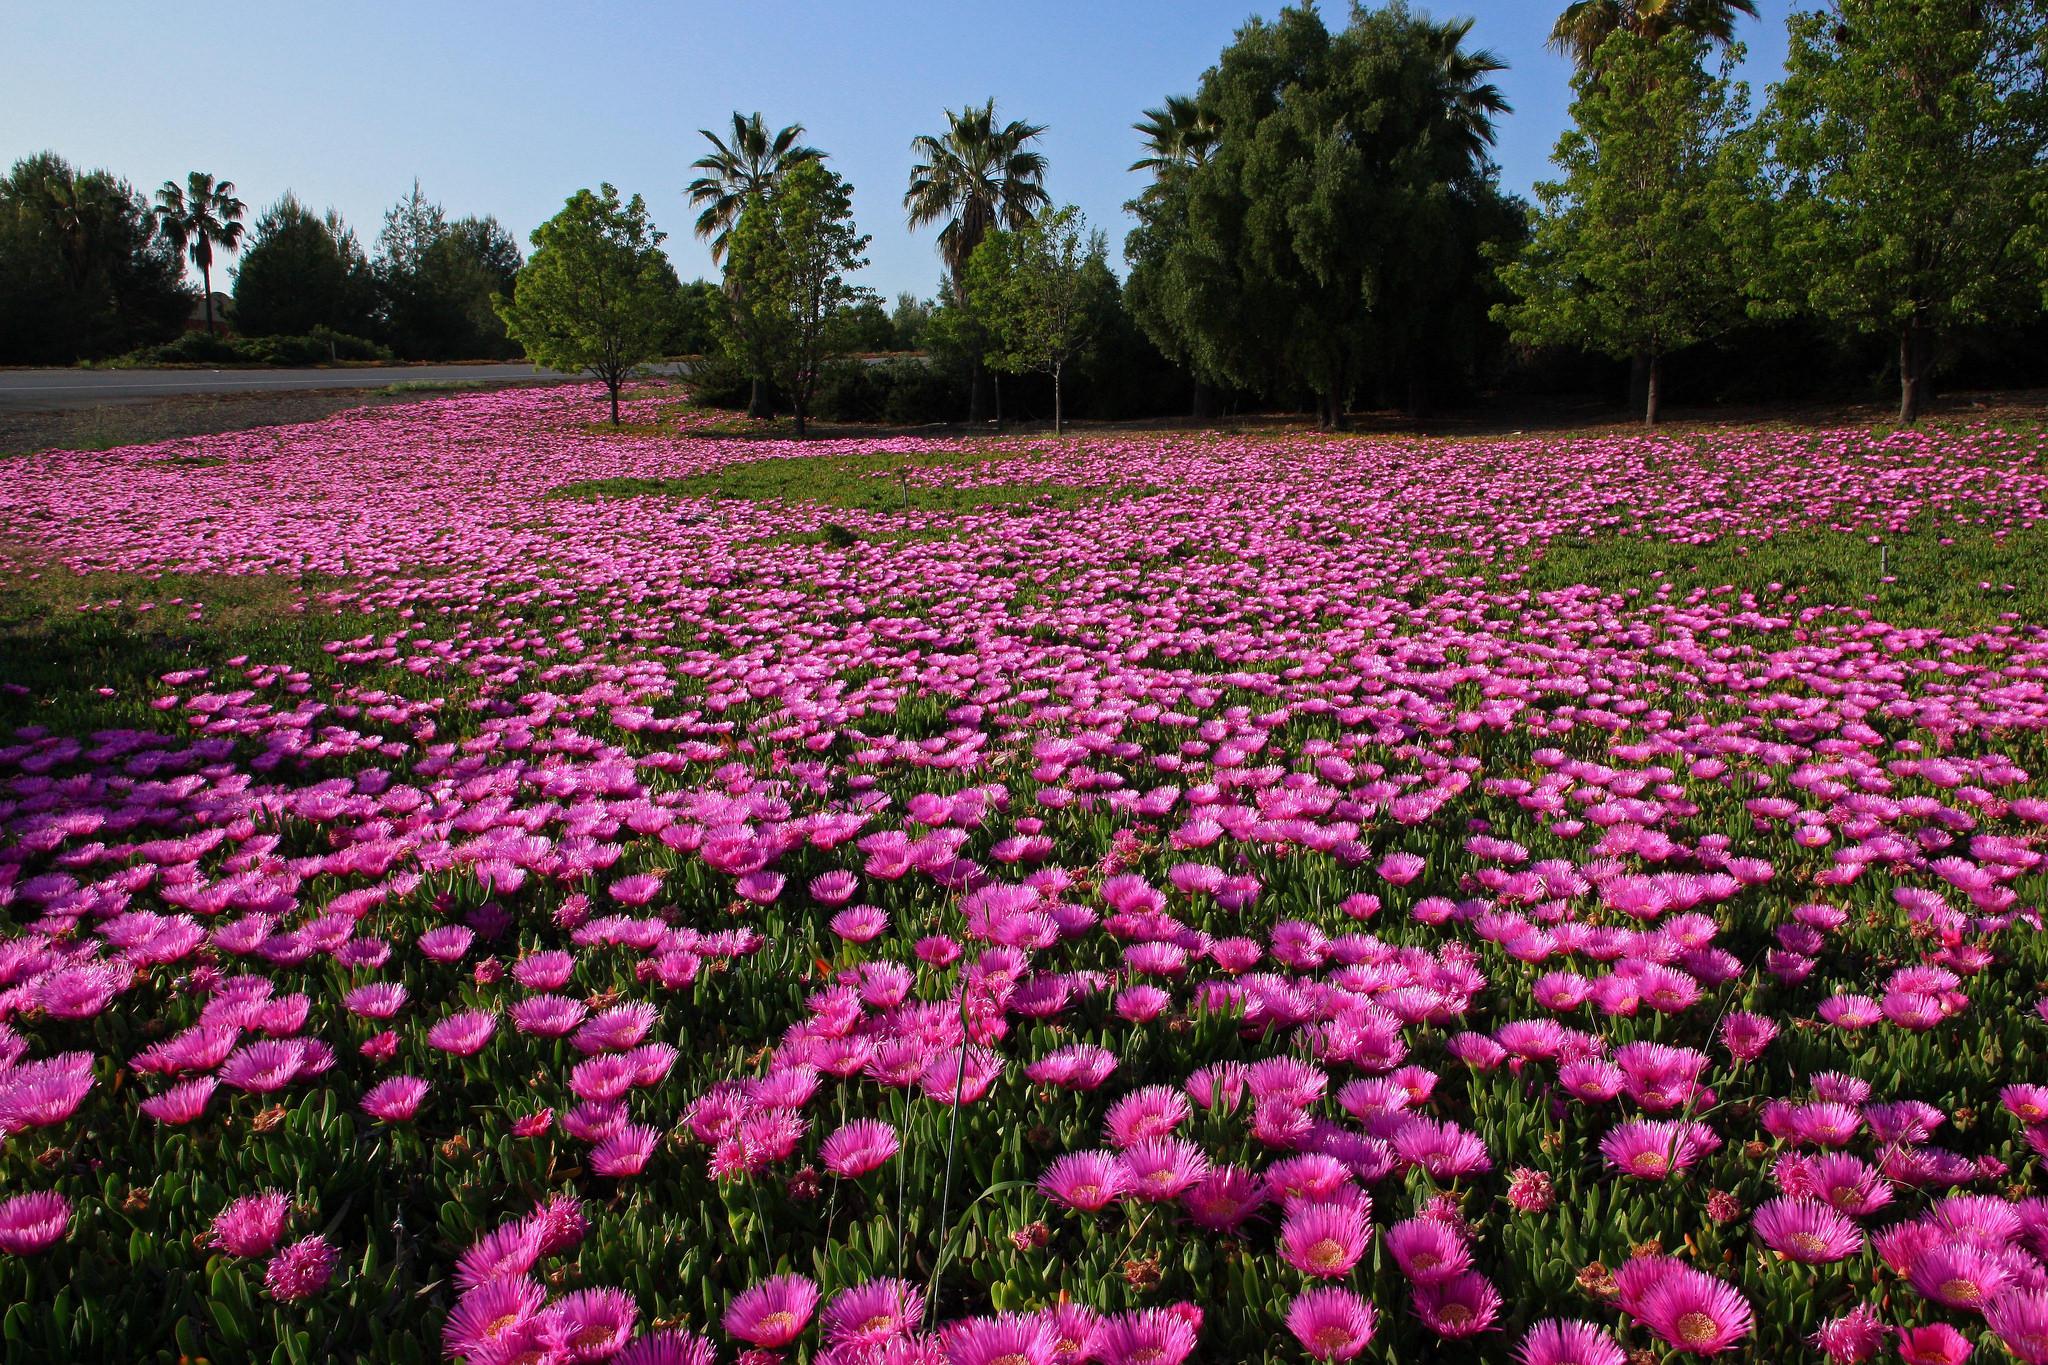 Highway iceplant (Carpobrotus edulis) in bloom along Highway 680 in Milpitas